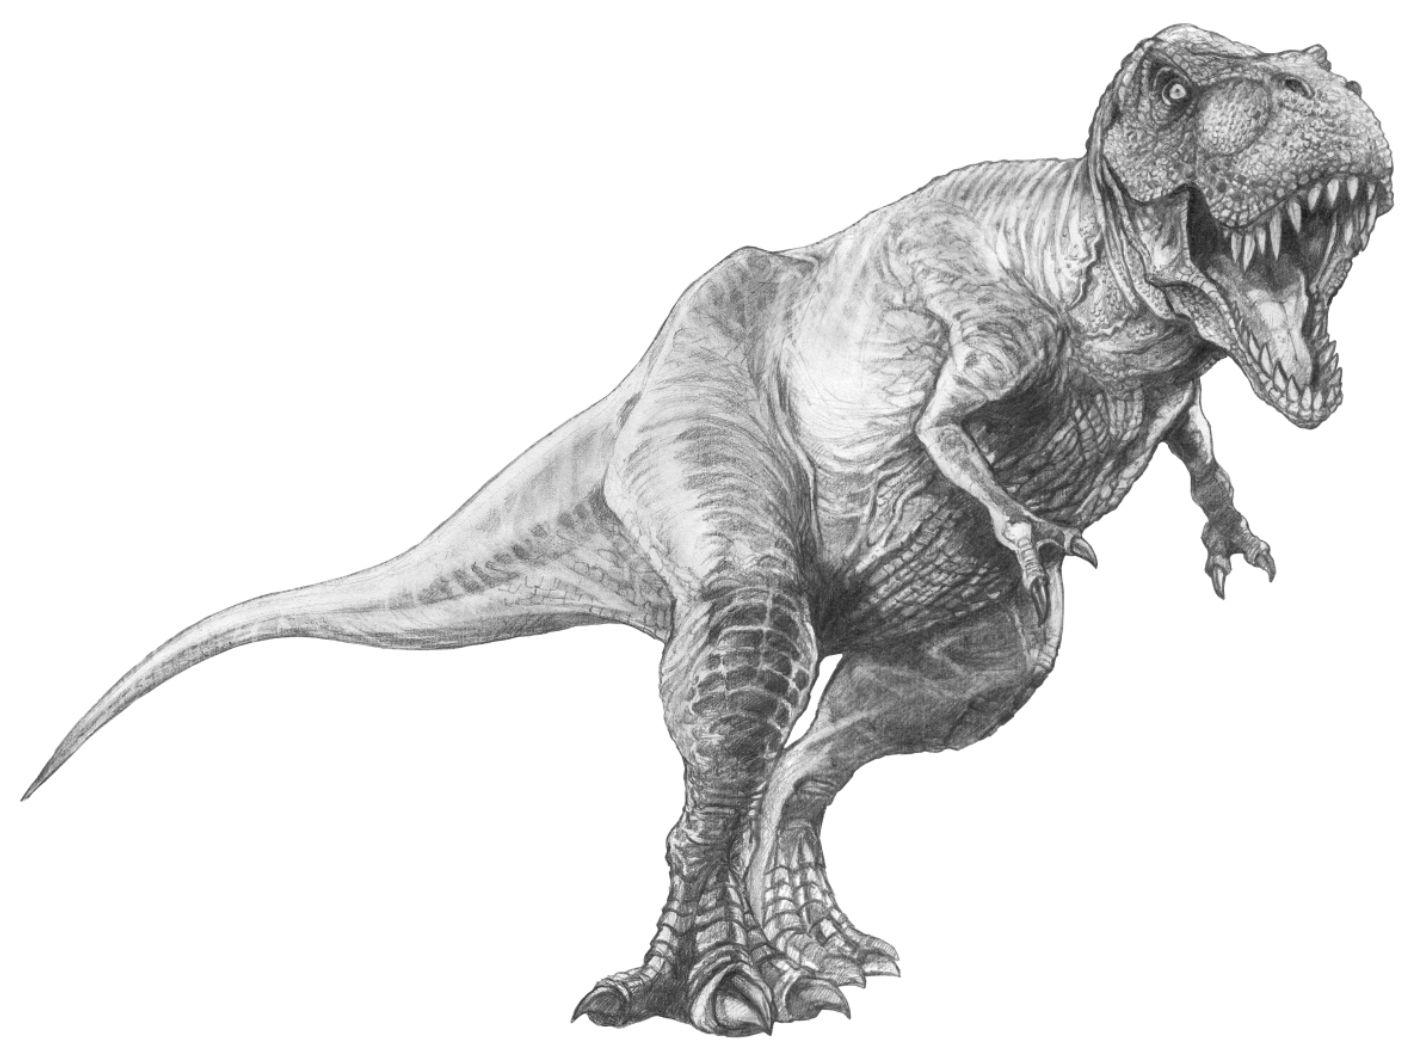 #Tyrannosaurus Rex